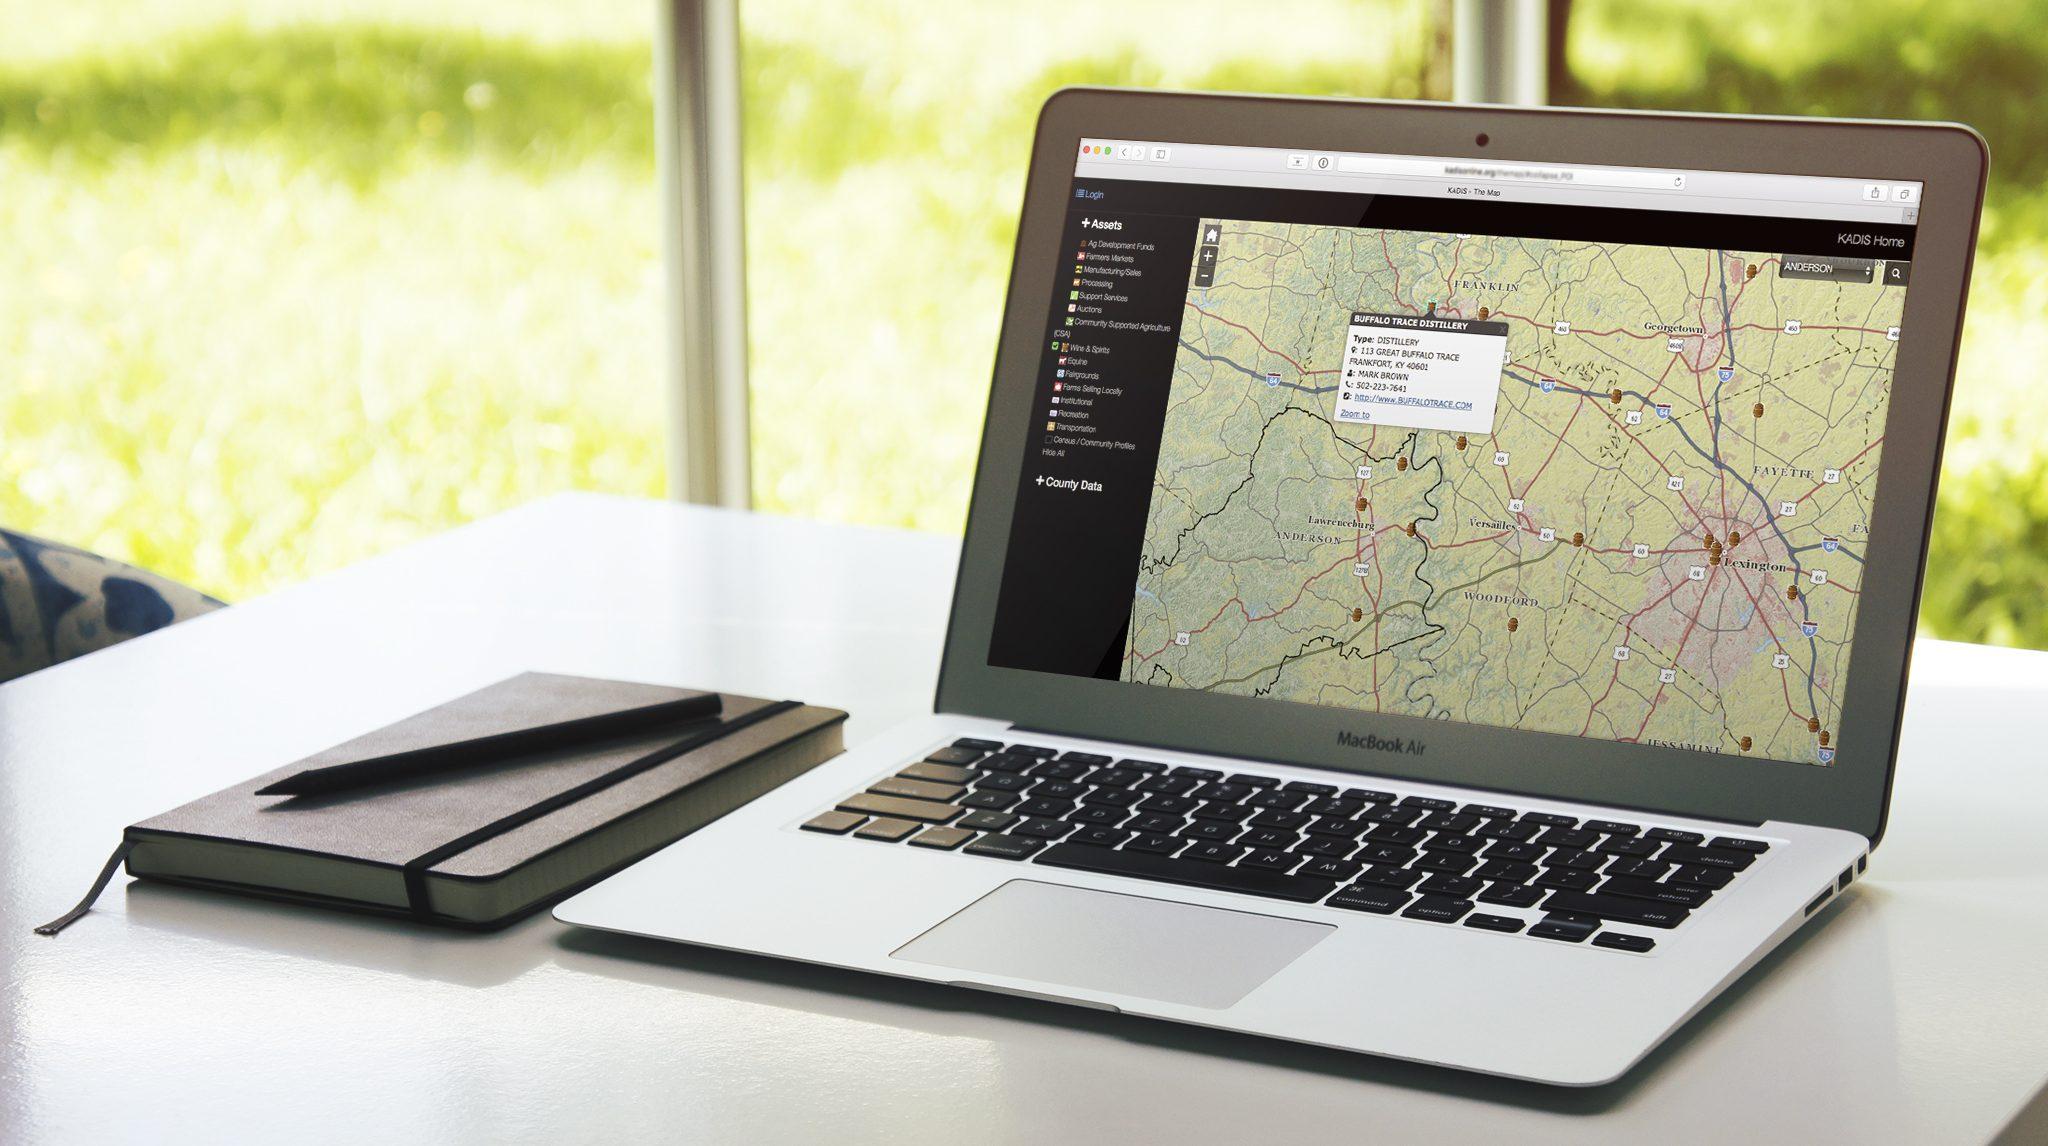 Laptop computer with KADIS map displayed